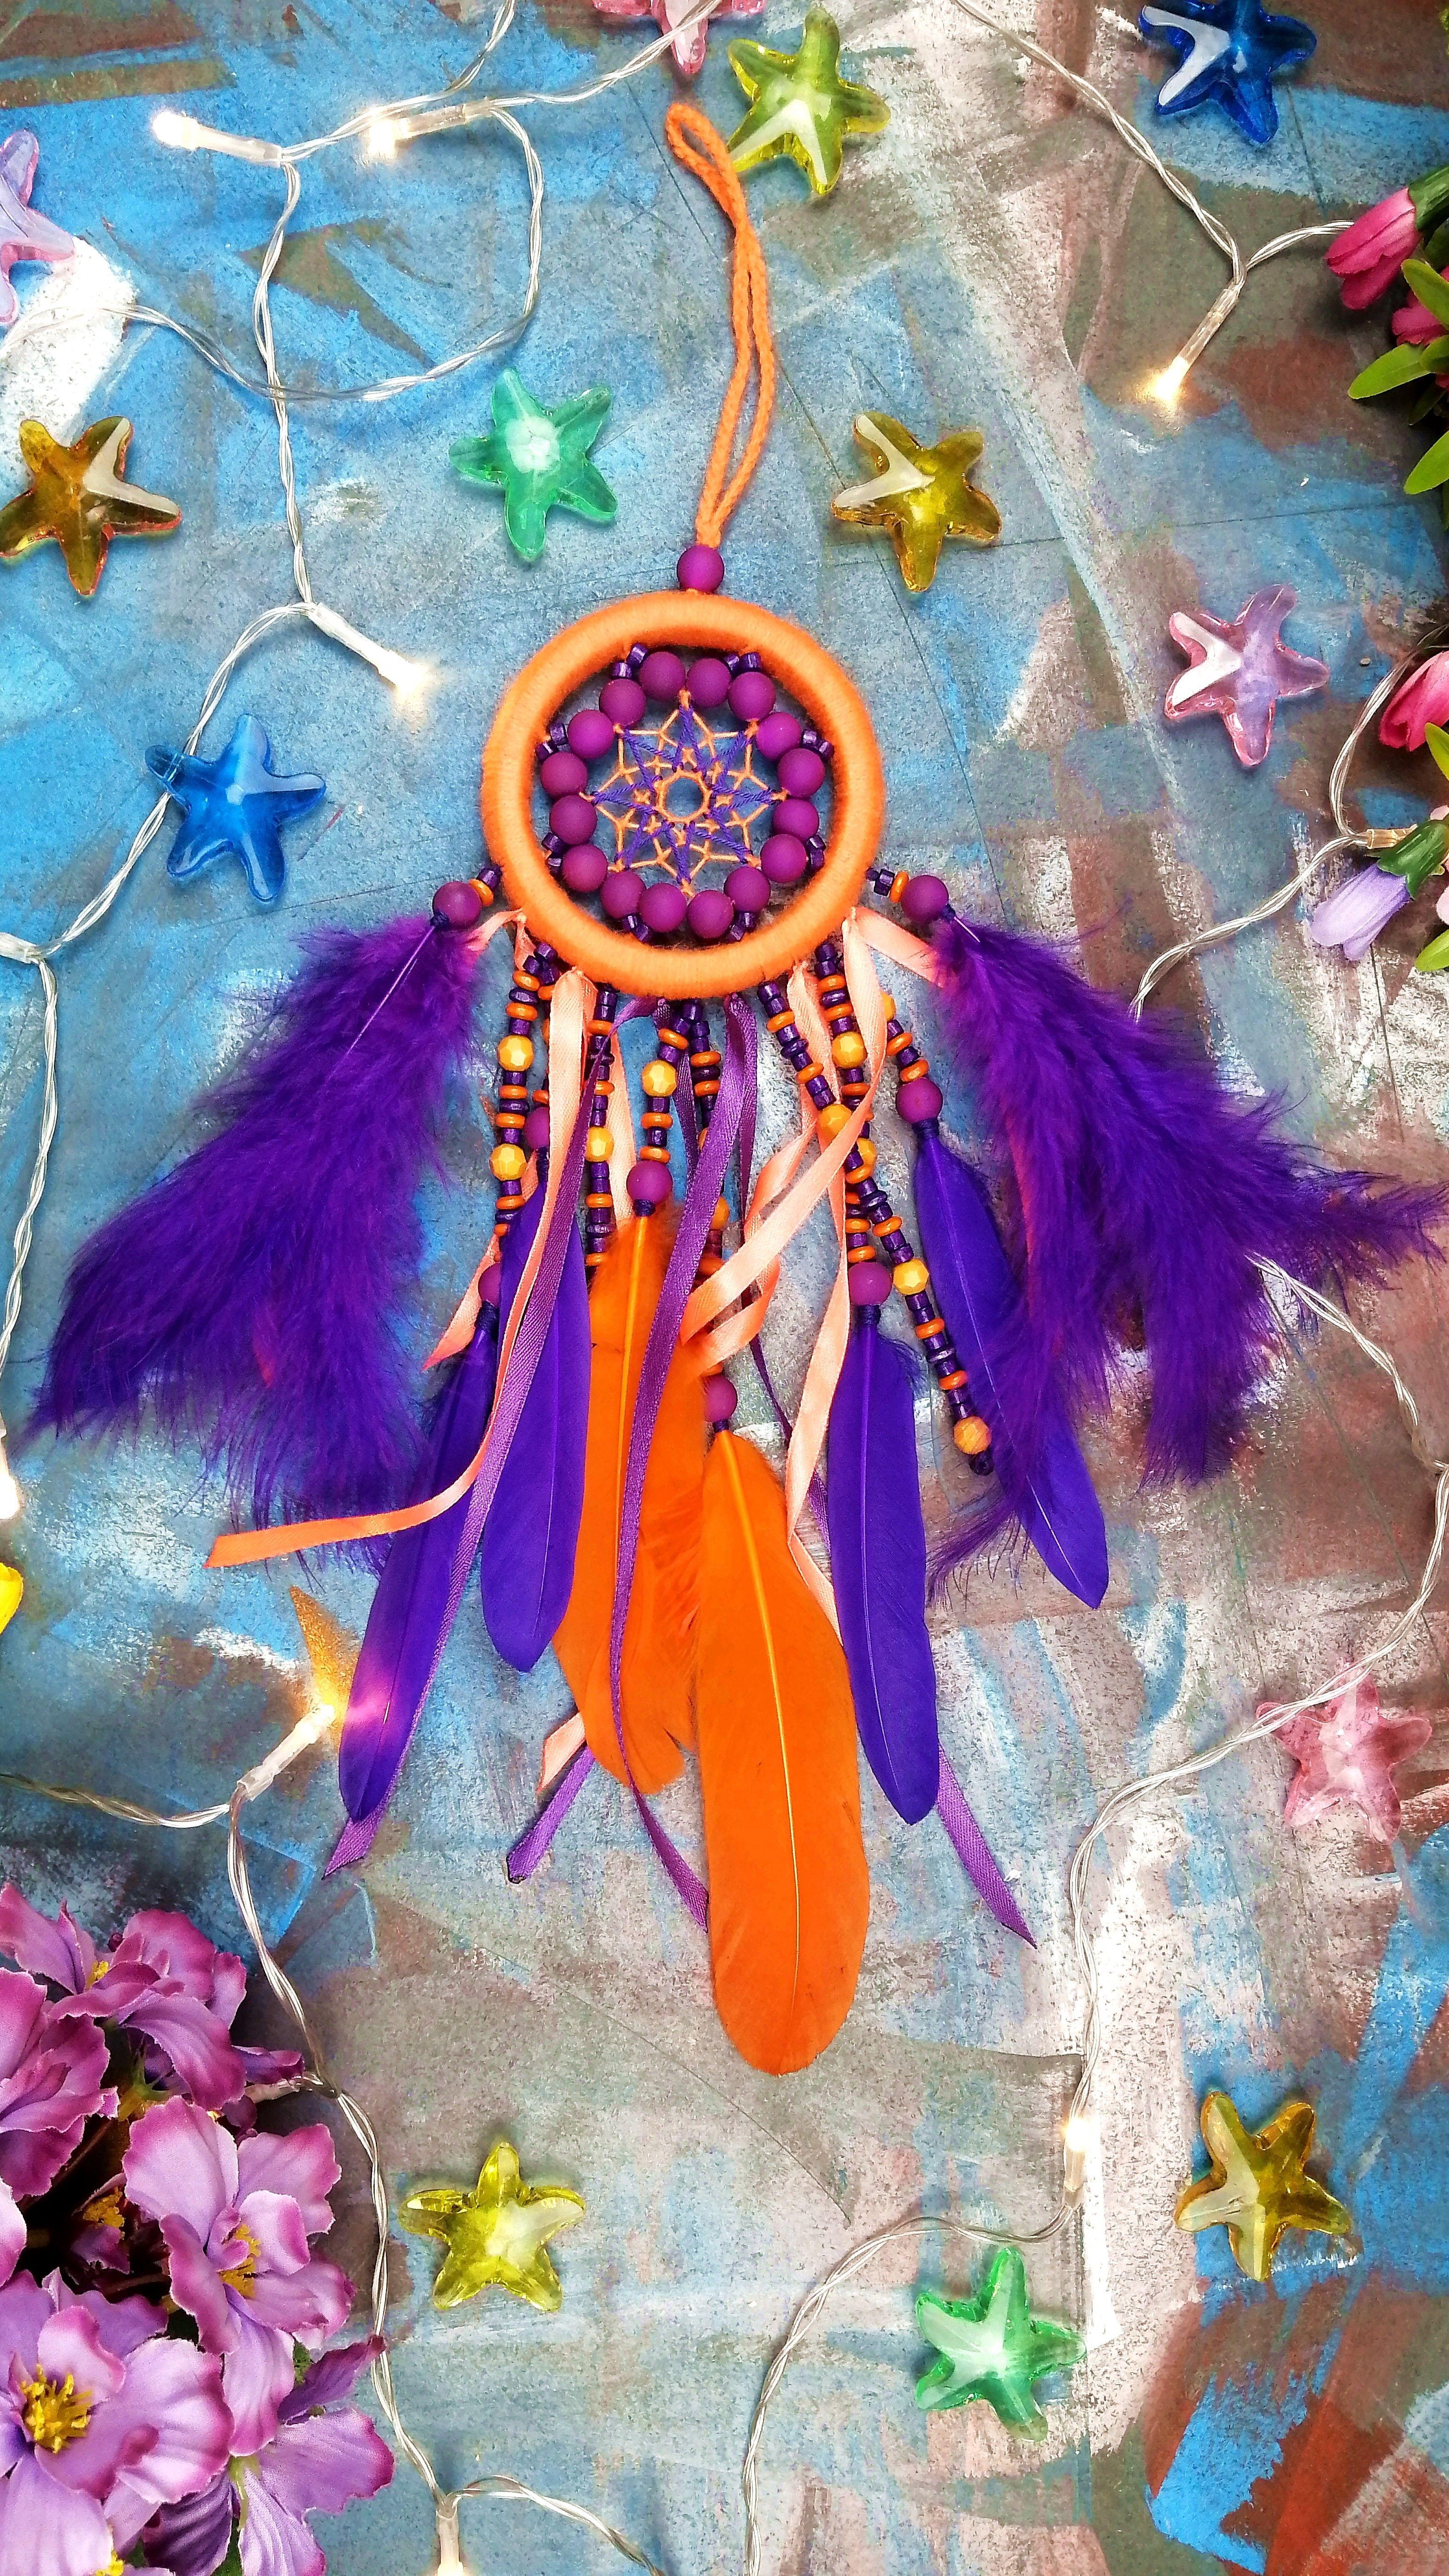 Dreamcatcher Dream catcher valentine day gift wall hanging